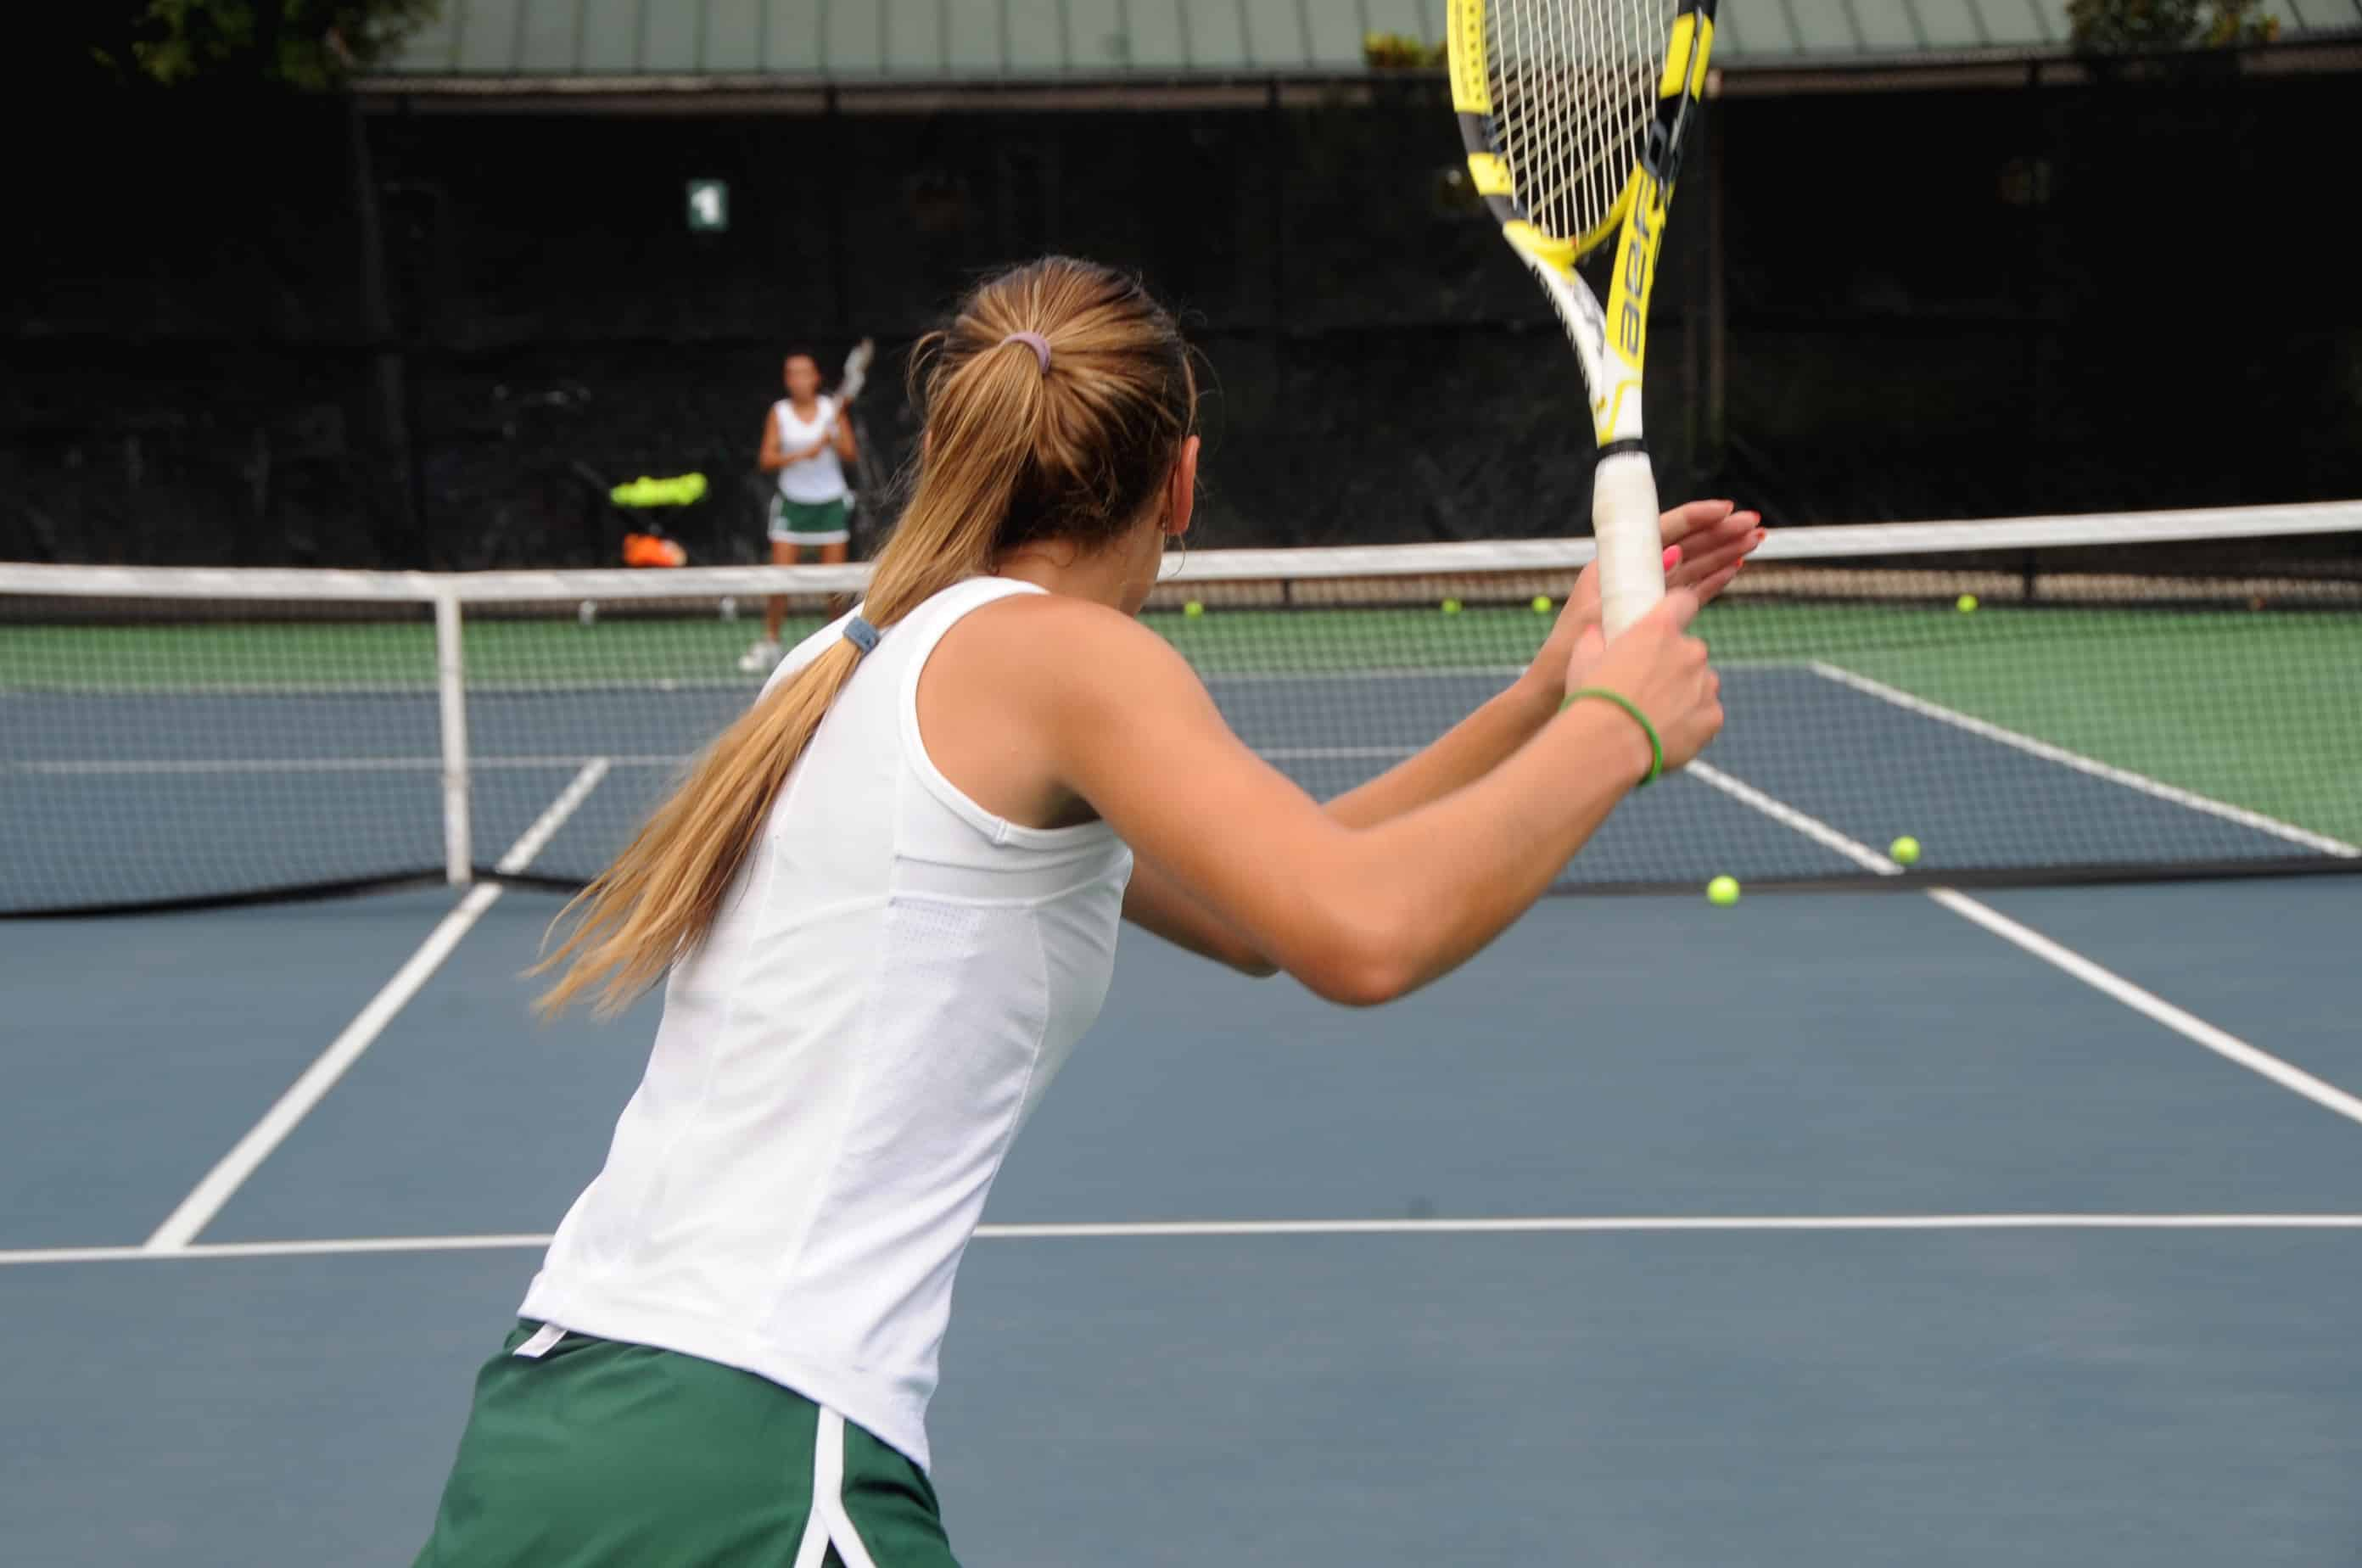 séjour linguistique sport tennis activité